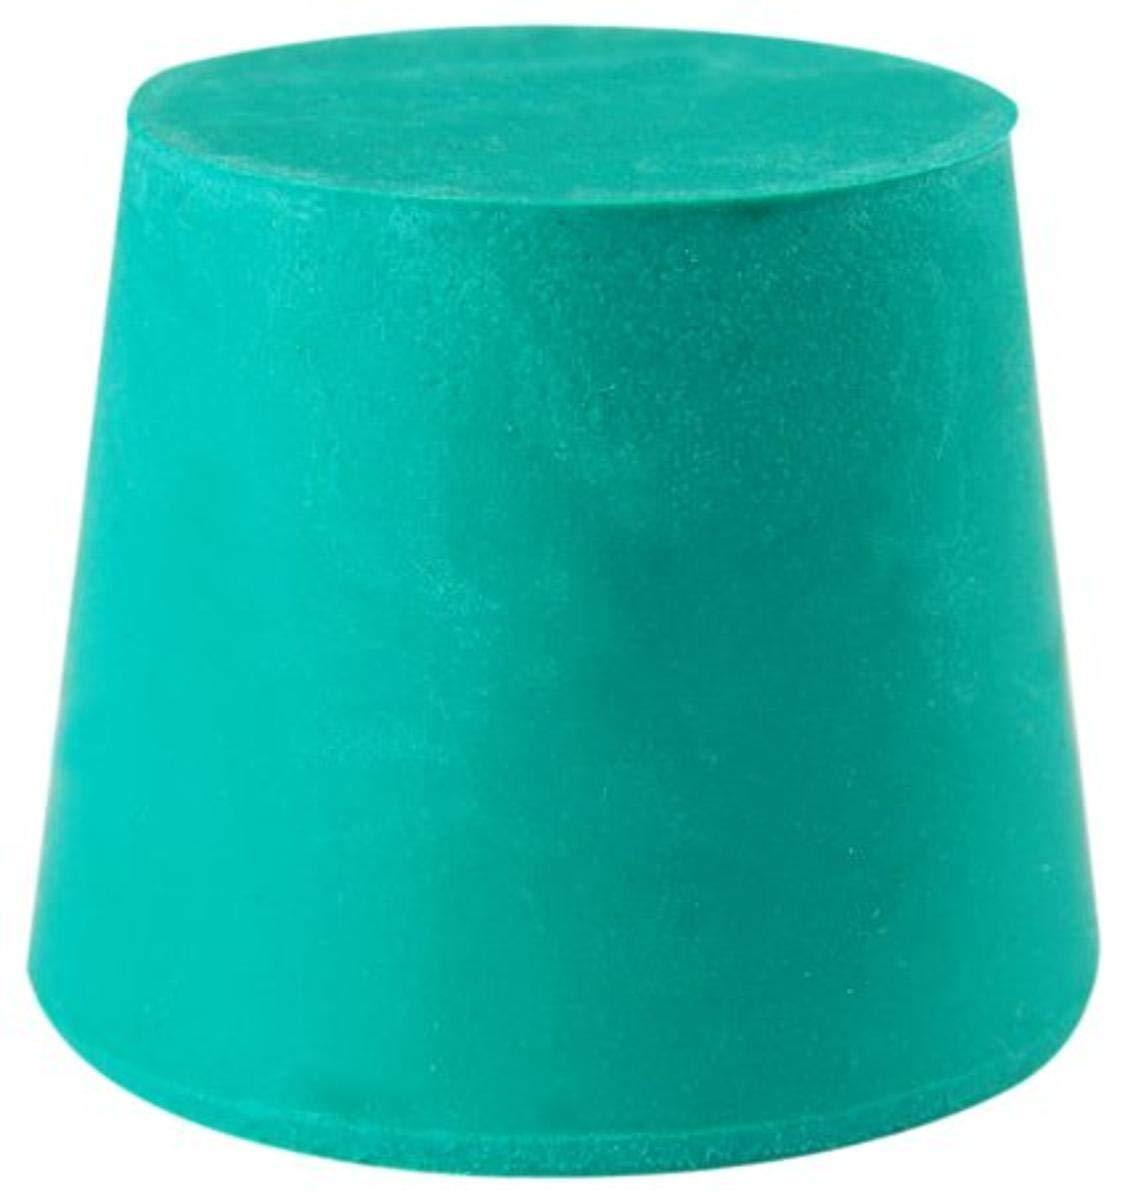 Plasticoid E2--M350 Green Neoprene Solid Stopper, 20mm Top Diameter, 16mm Bottom Diameter, 2 Size, 25mm Length